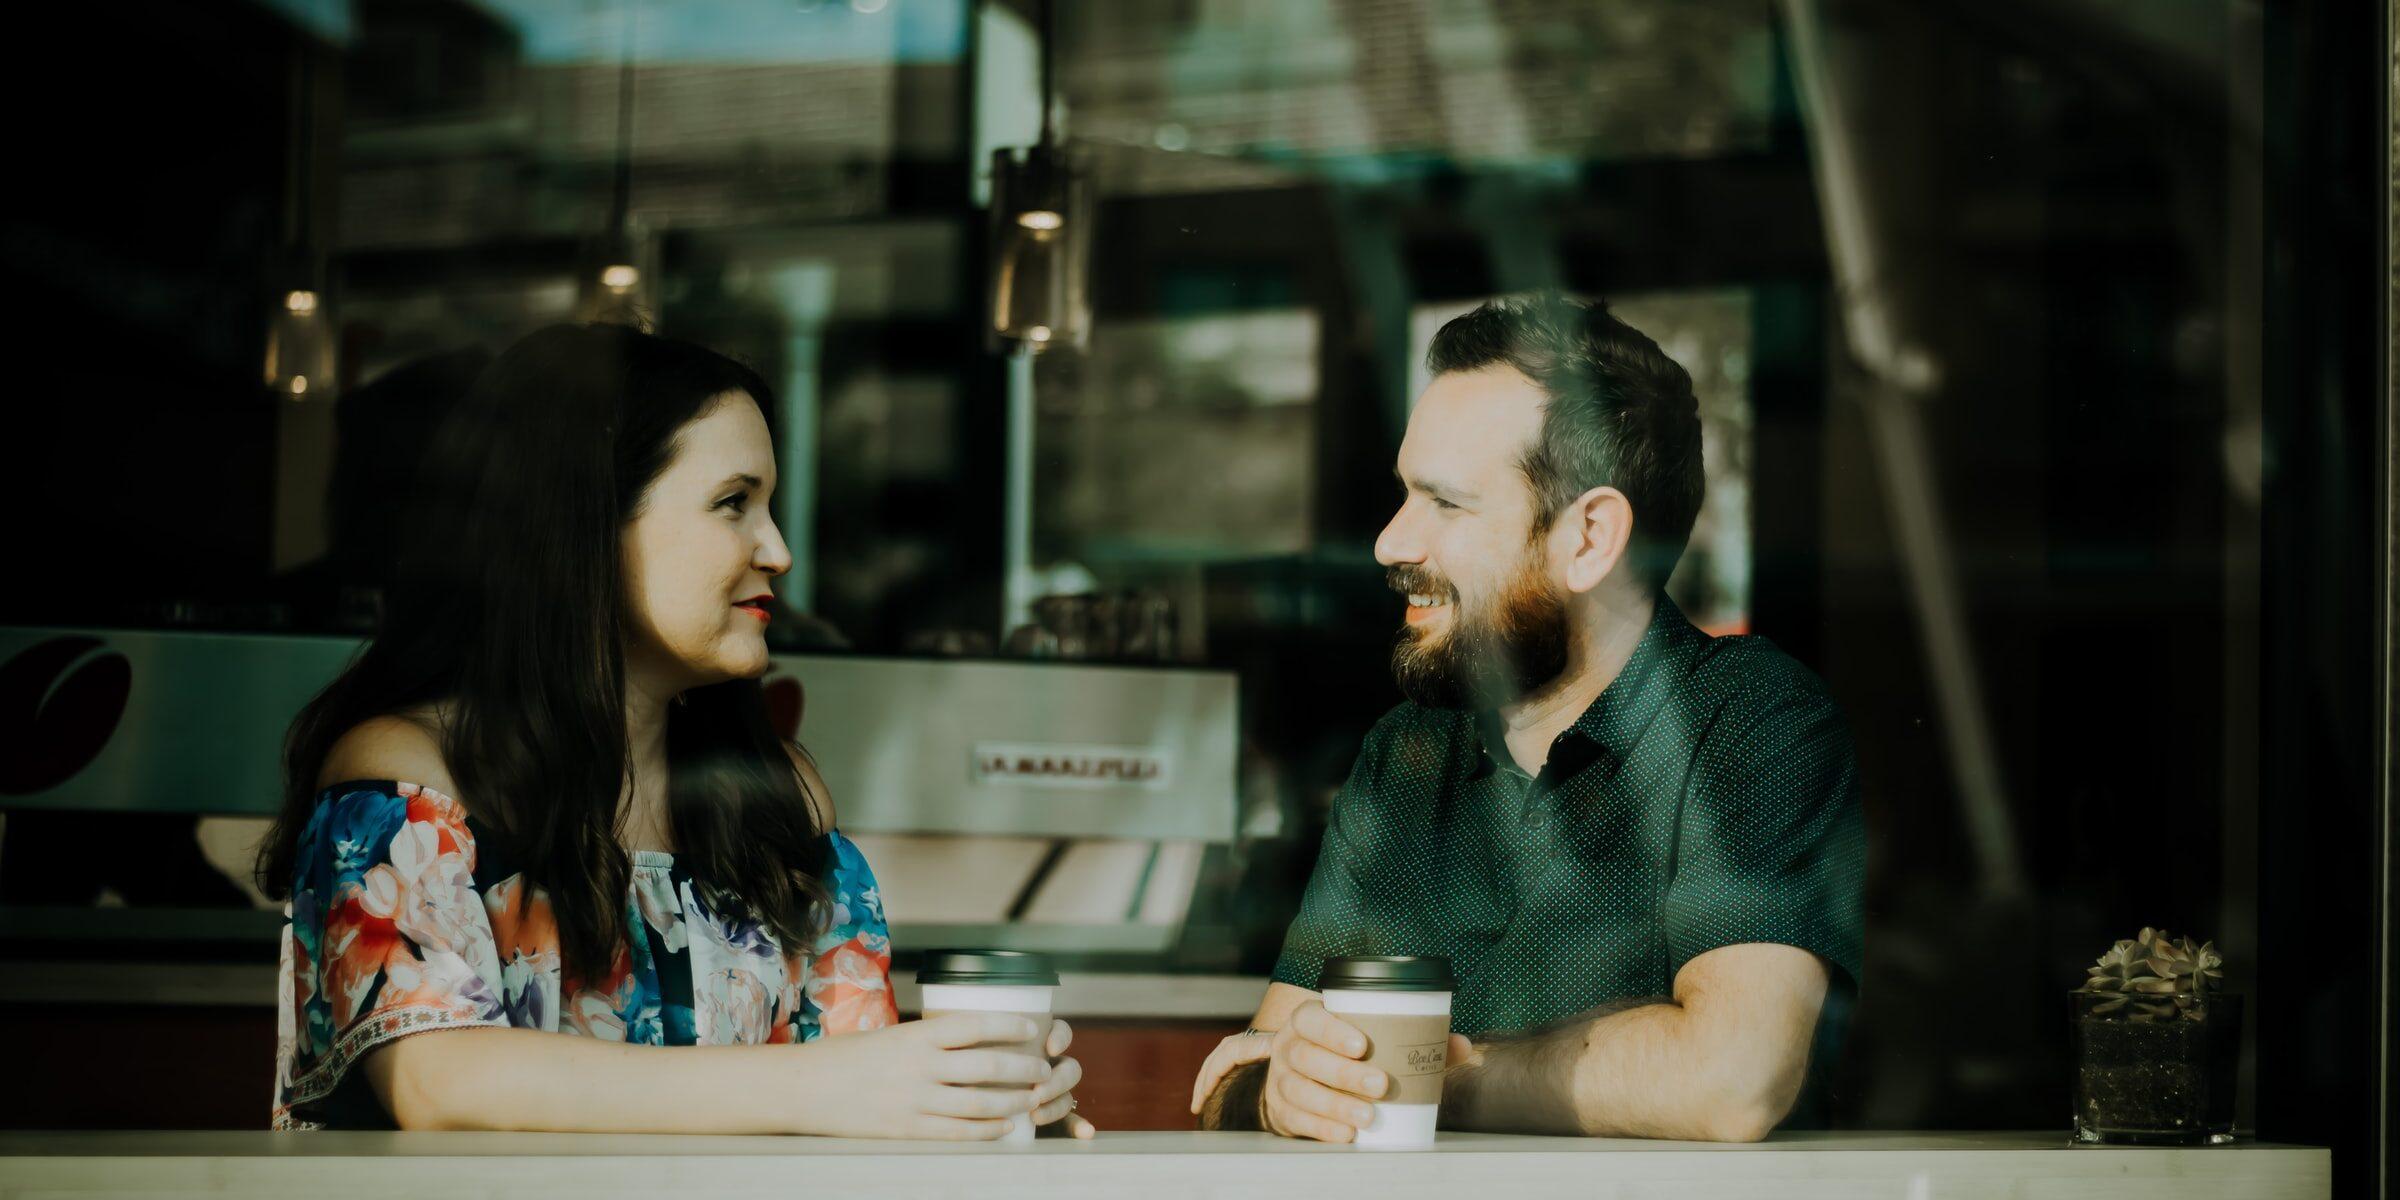 Mies ja nainen juttelevat kahvilassa